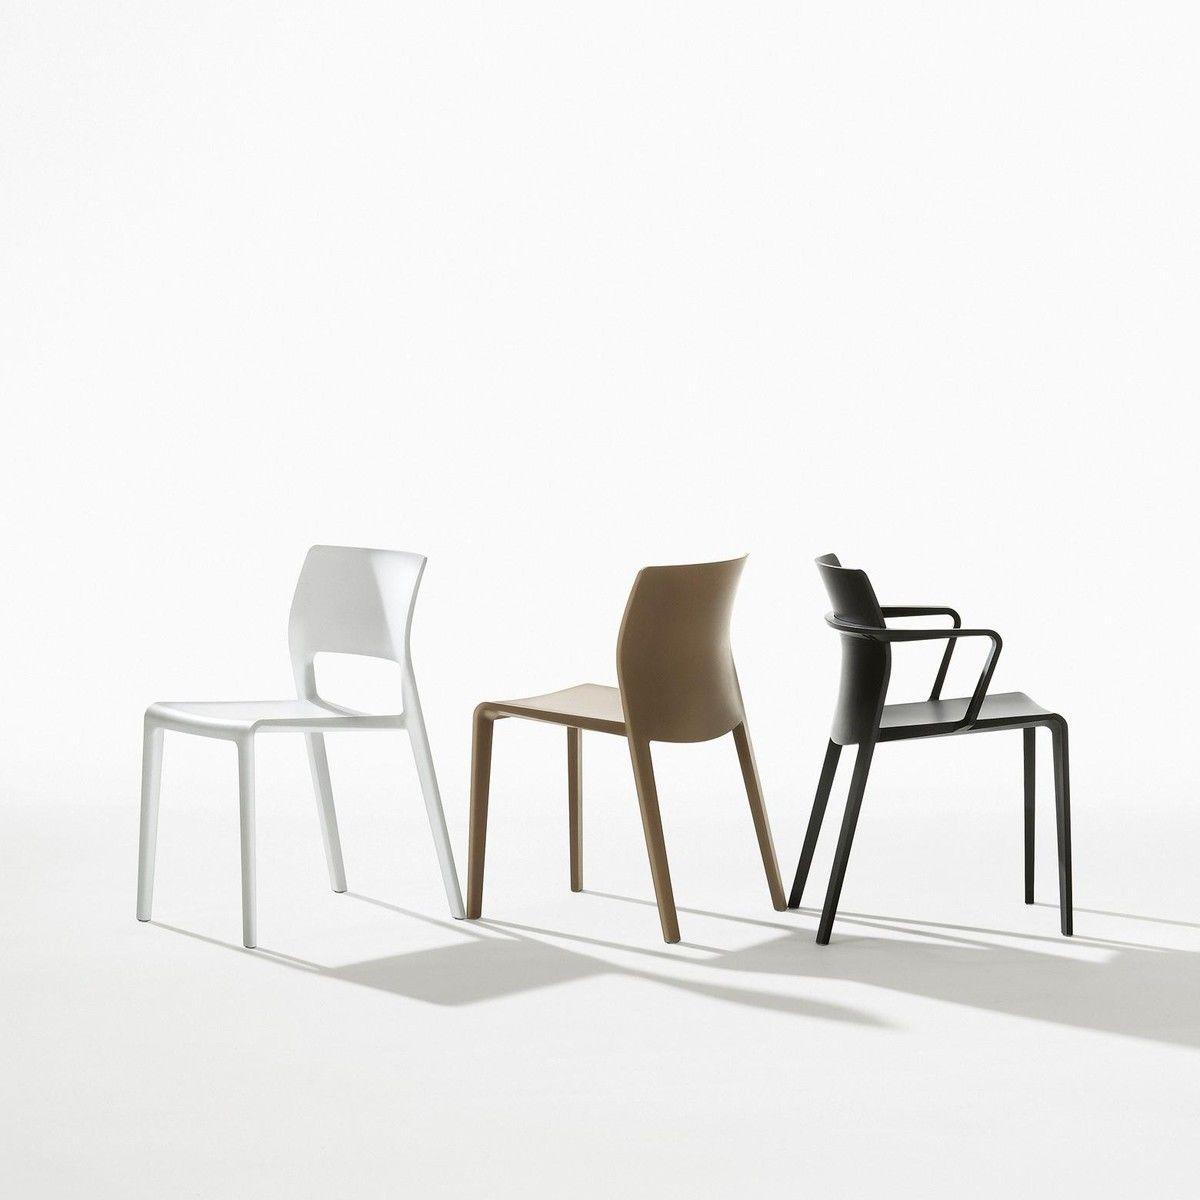 juno 3600 stuhl arper. Black Bedroom Furniture Sets. Home Design Ideas